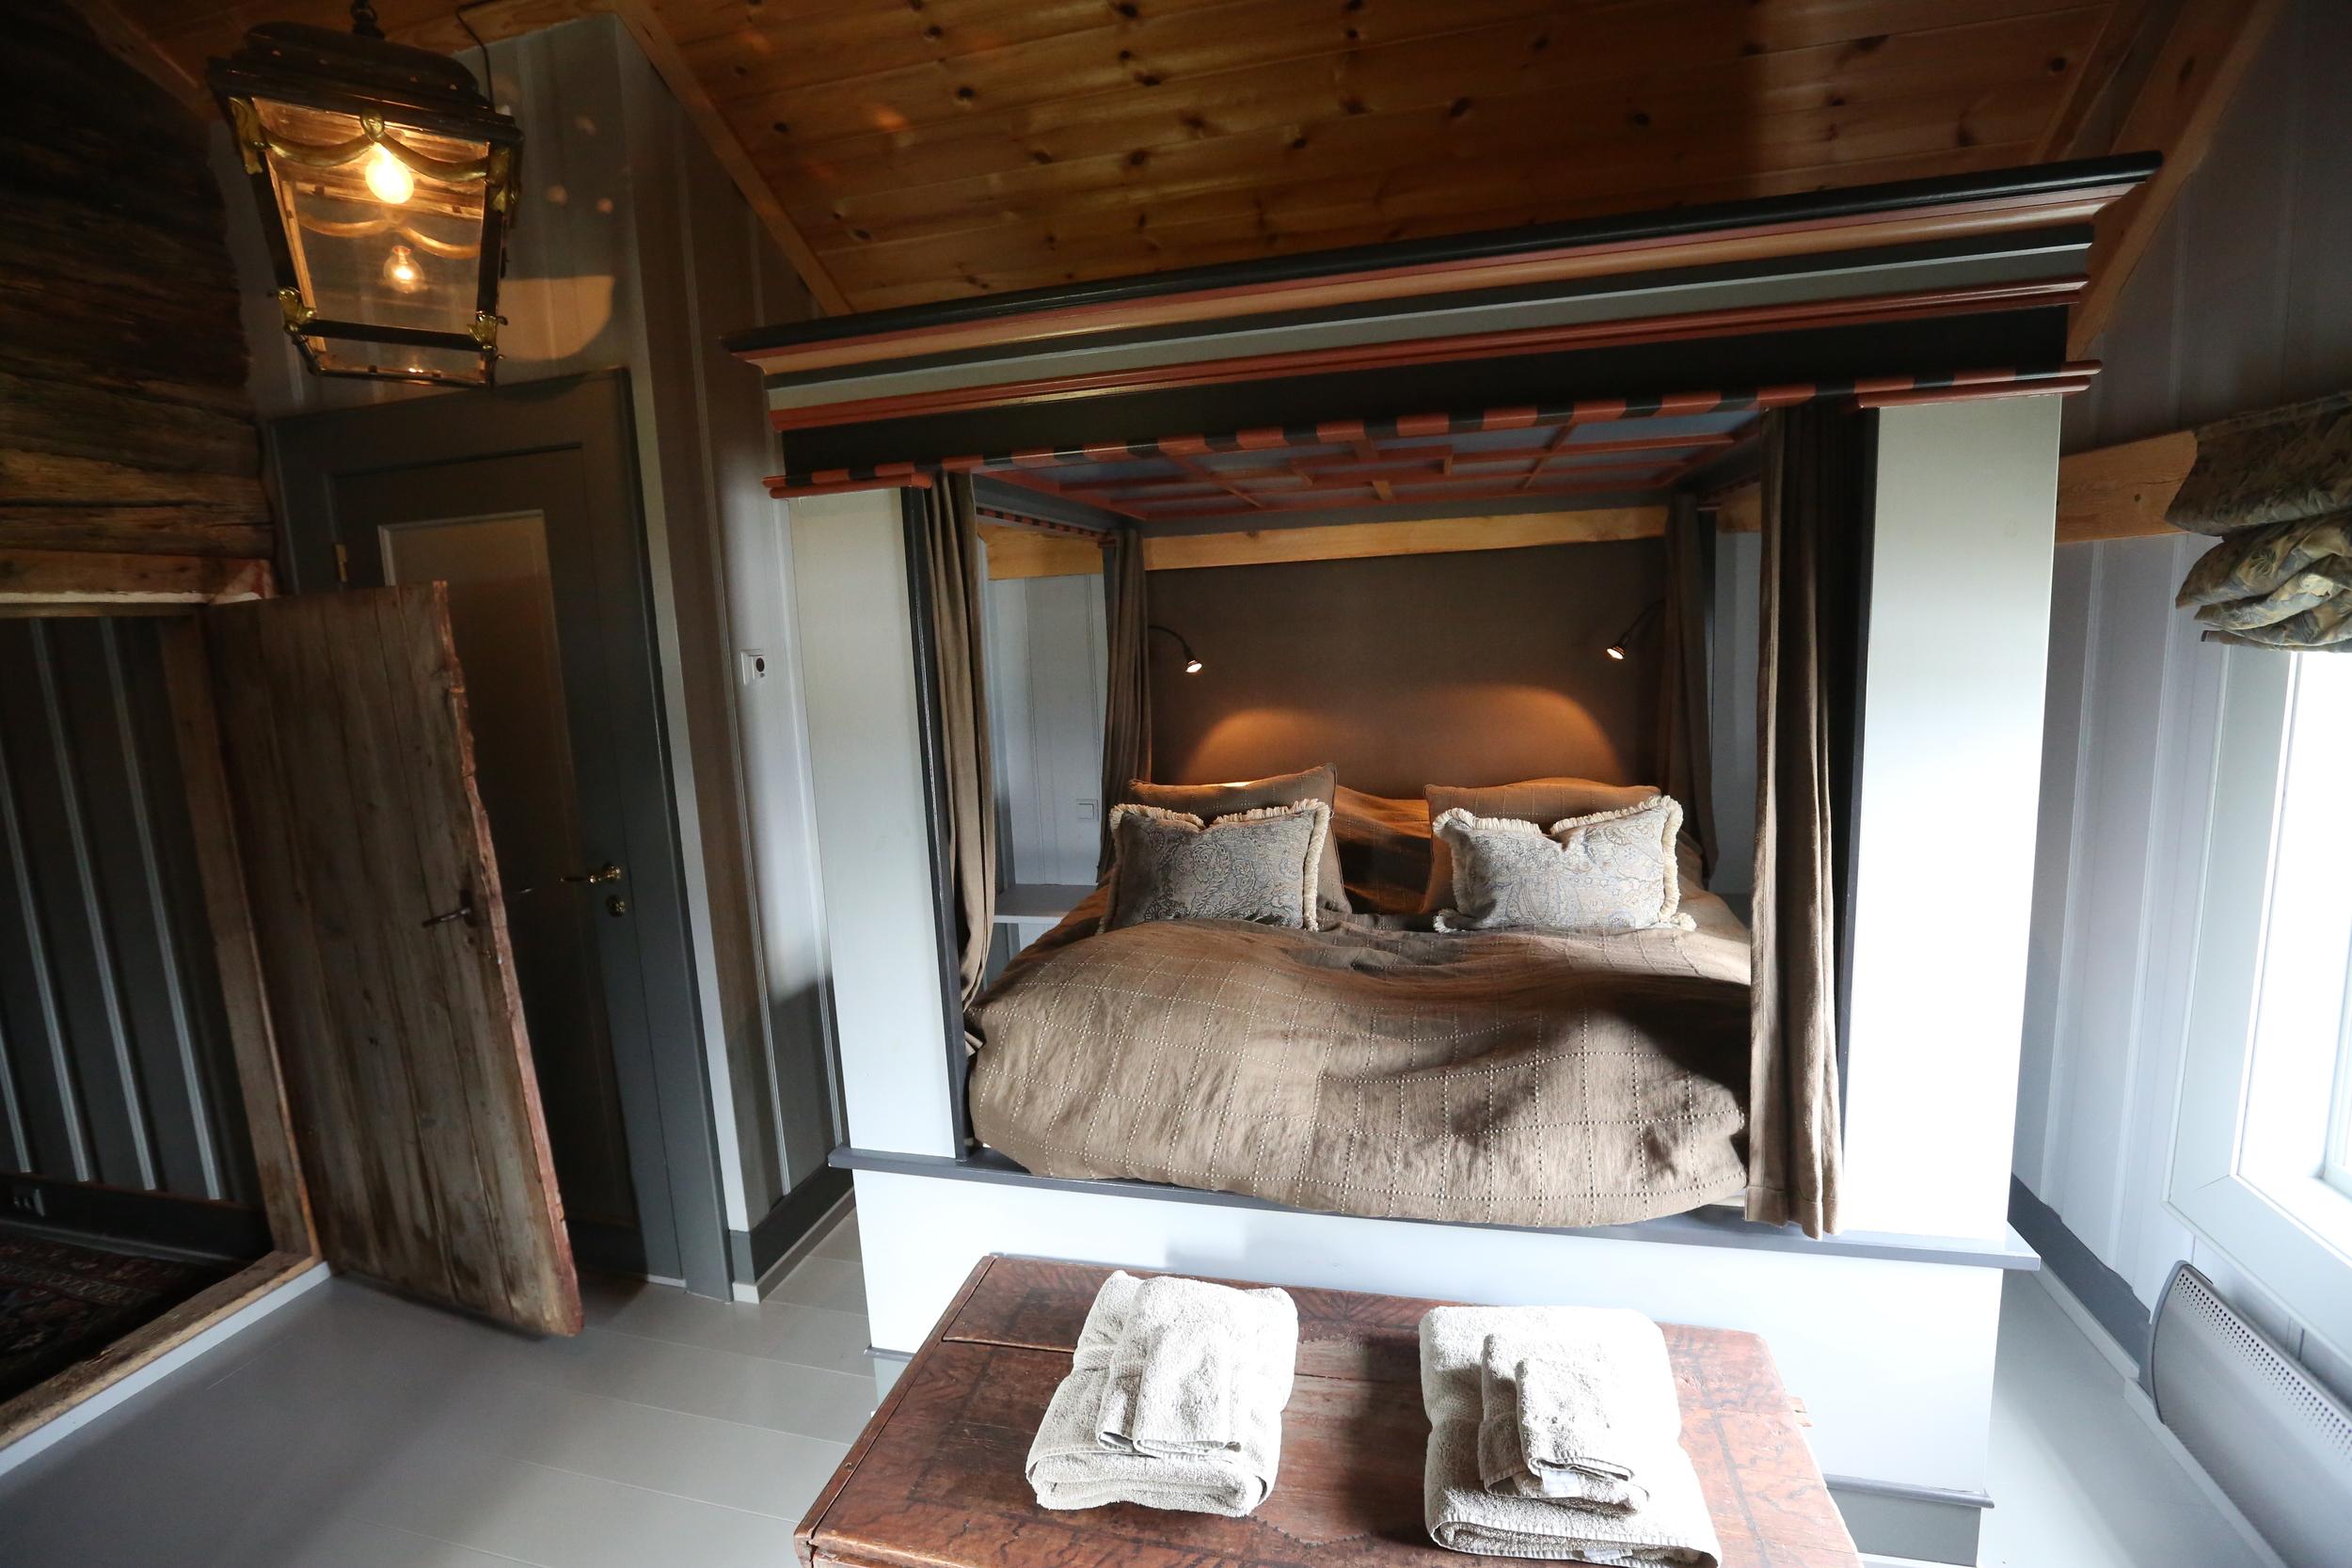 De beste luksusrommene har det aller beste av madrass, dyne og pute. Her fra Håholmen havstuer i Møre og Romsdal.                                  Foto: Odd Roar Lange